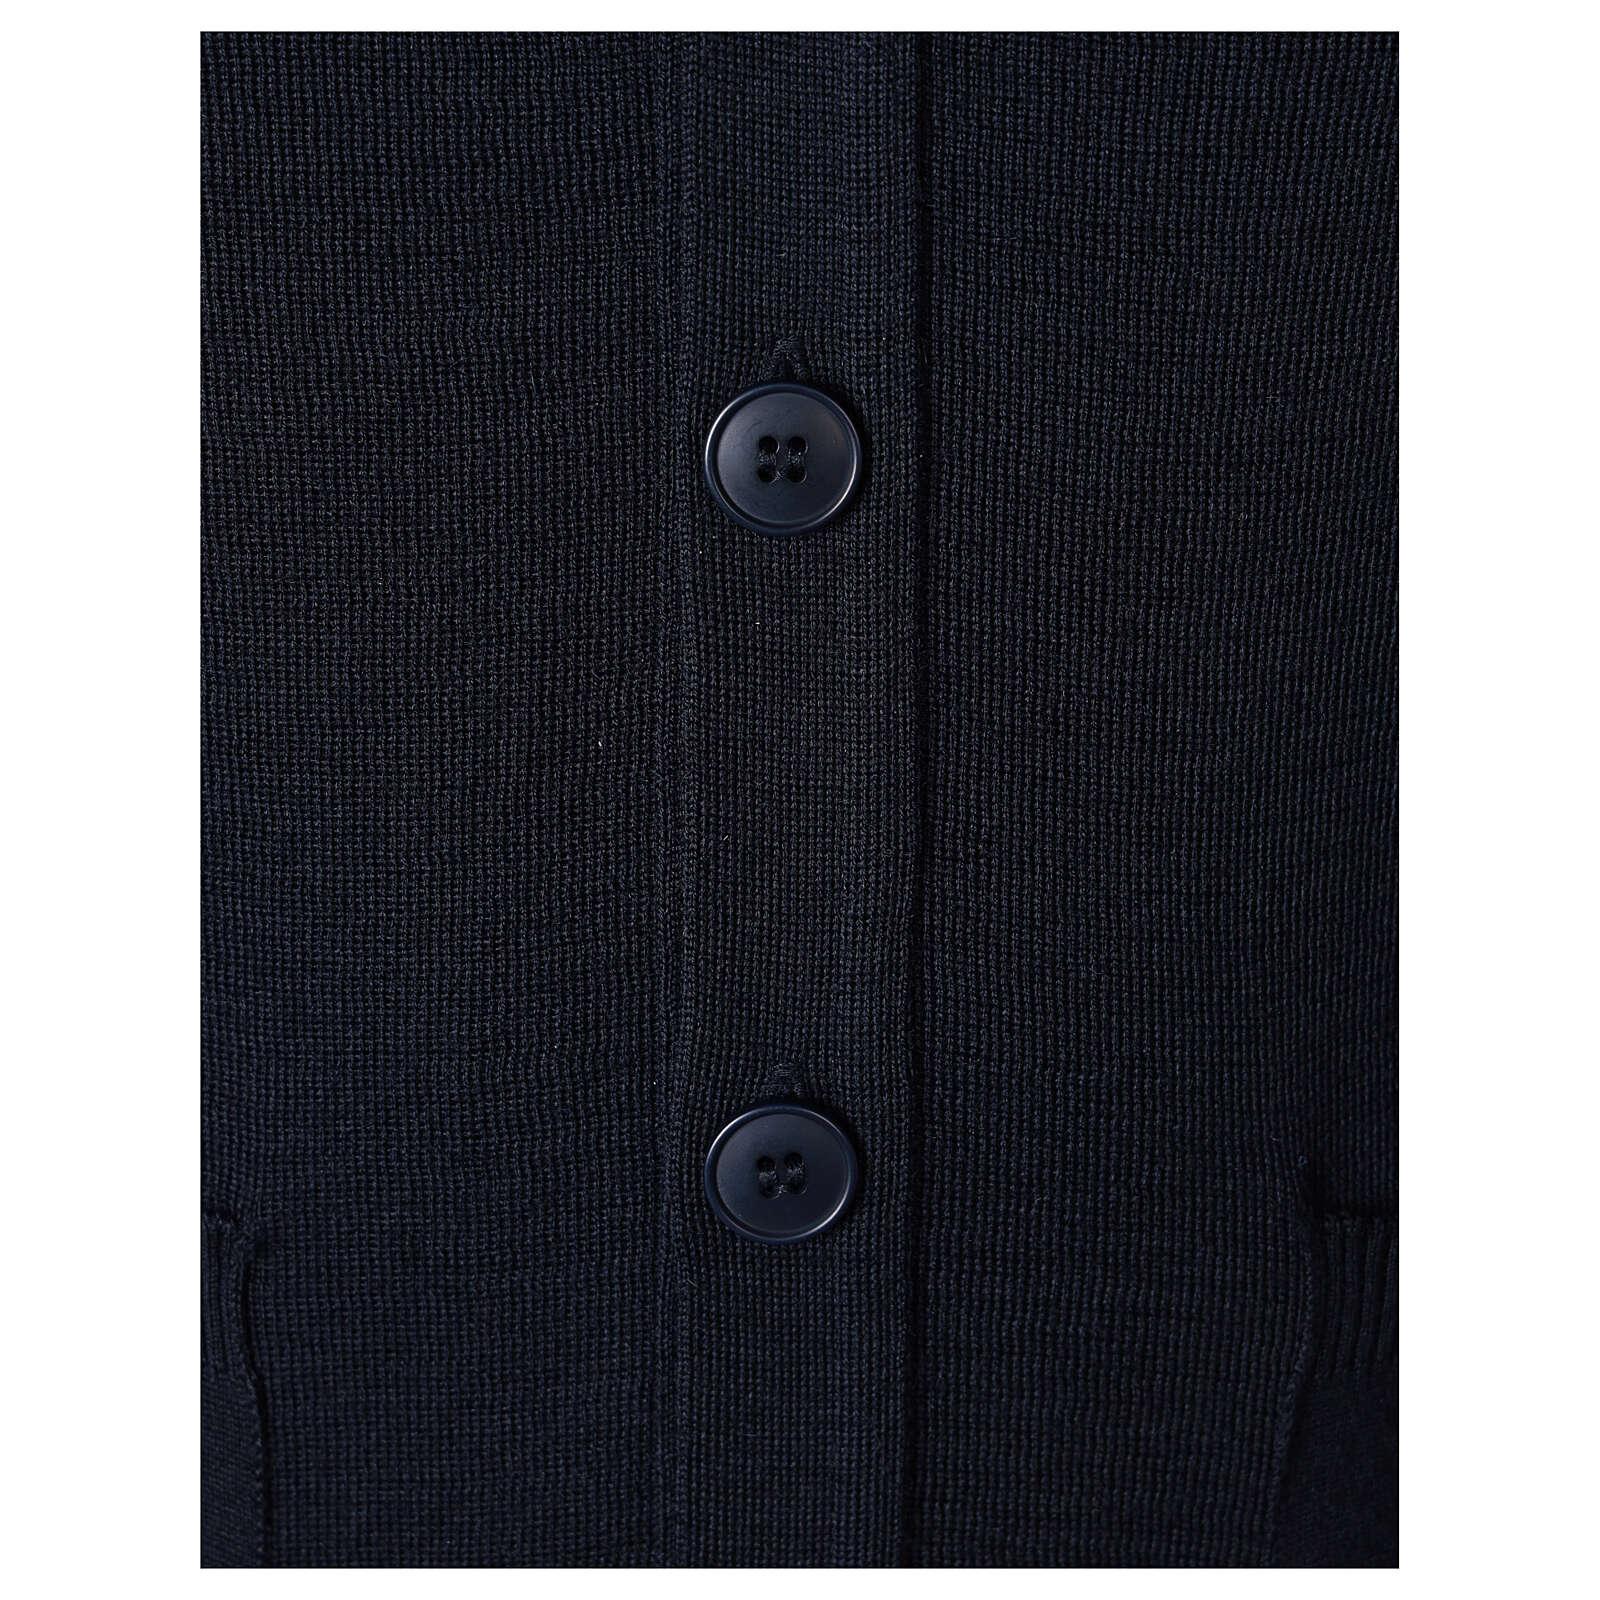 Sweter rozpinany na guziki dla księdza granatowy kieszonki 50% wełna merynos 50% akryl In Primis 4